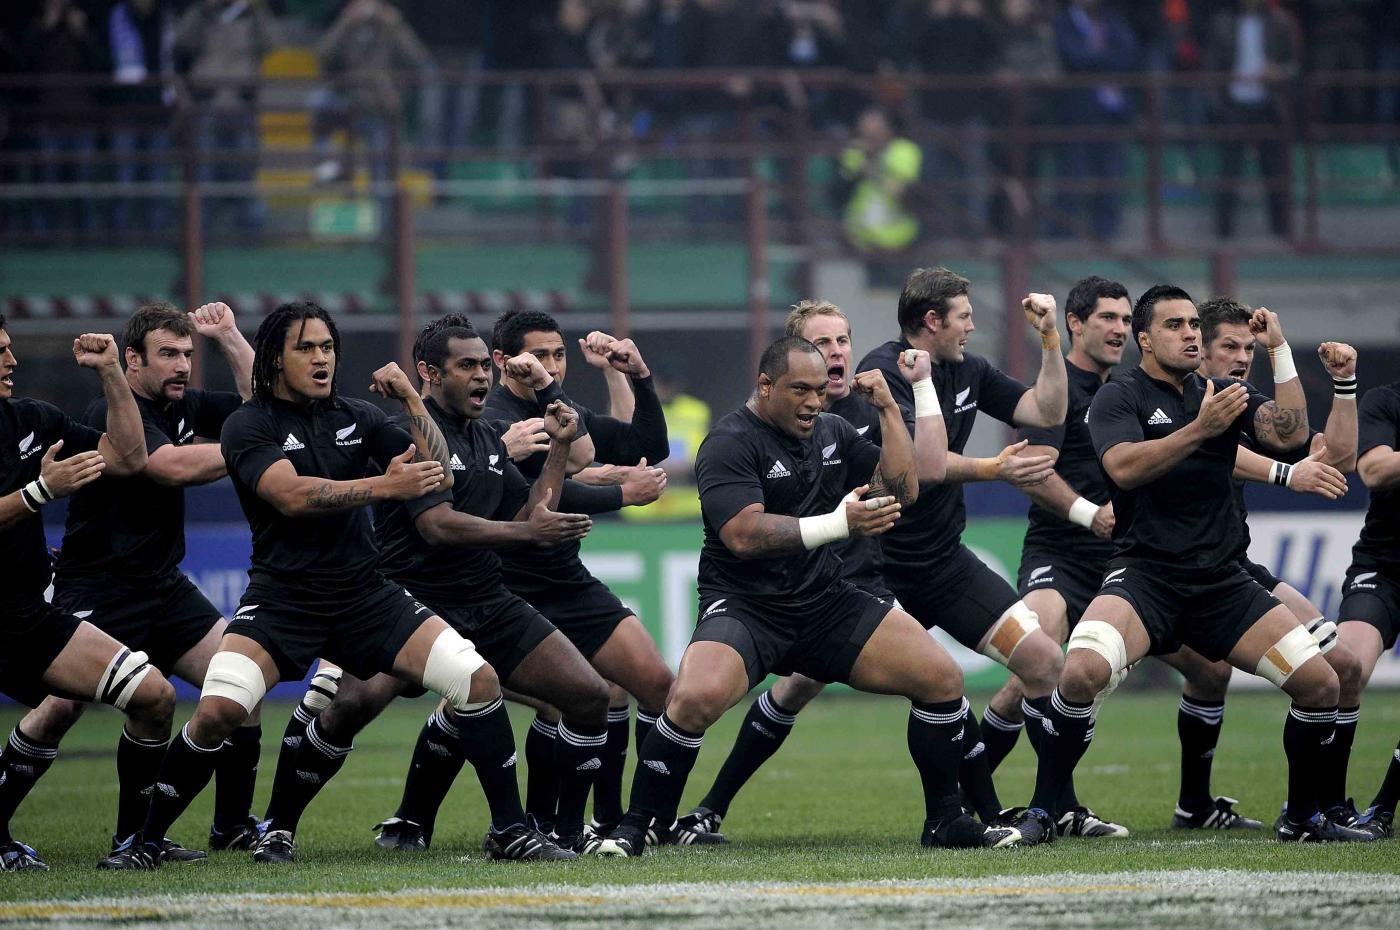 Italia – All Blacks, la partita di rugby fra Azzurri e Nuova Zelanda su La 7 e Sky [VIDEO]